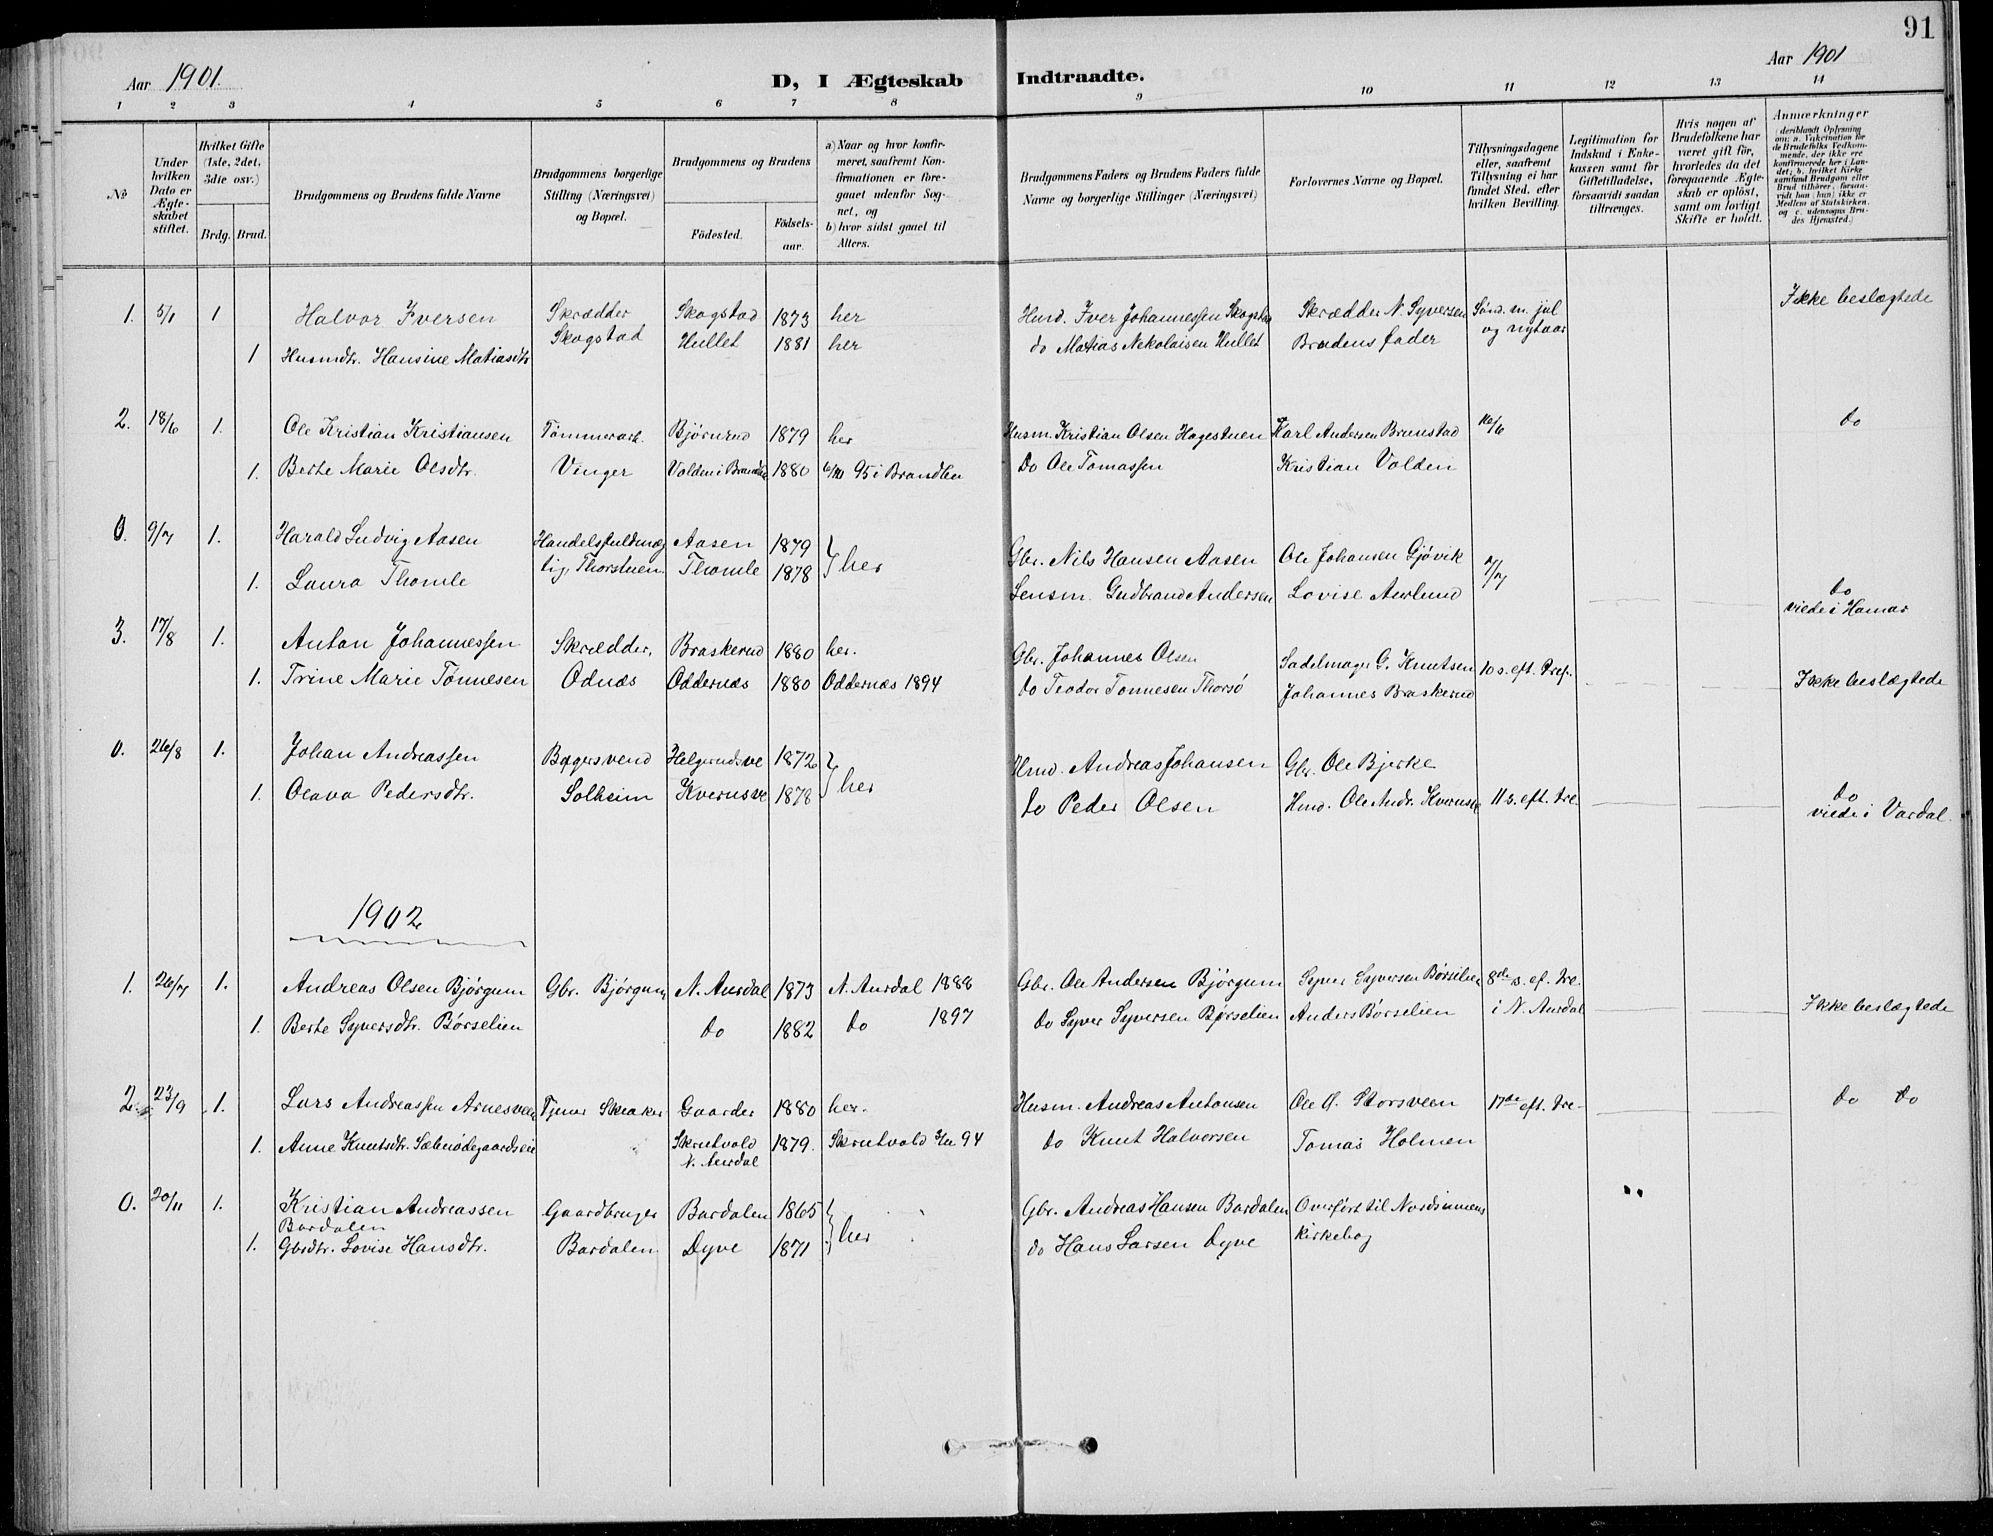 SAH, Nordre Land prestekontor, Klokkerbok nr. 14, 1891-1907, s. 91